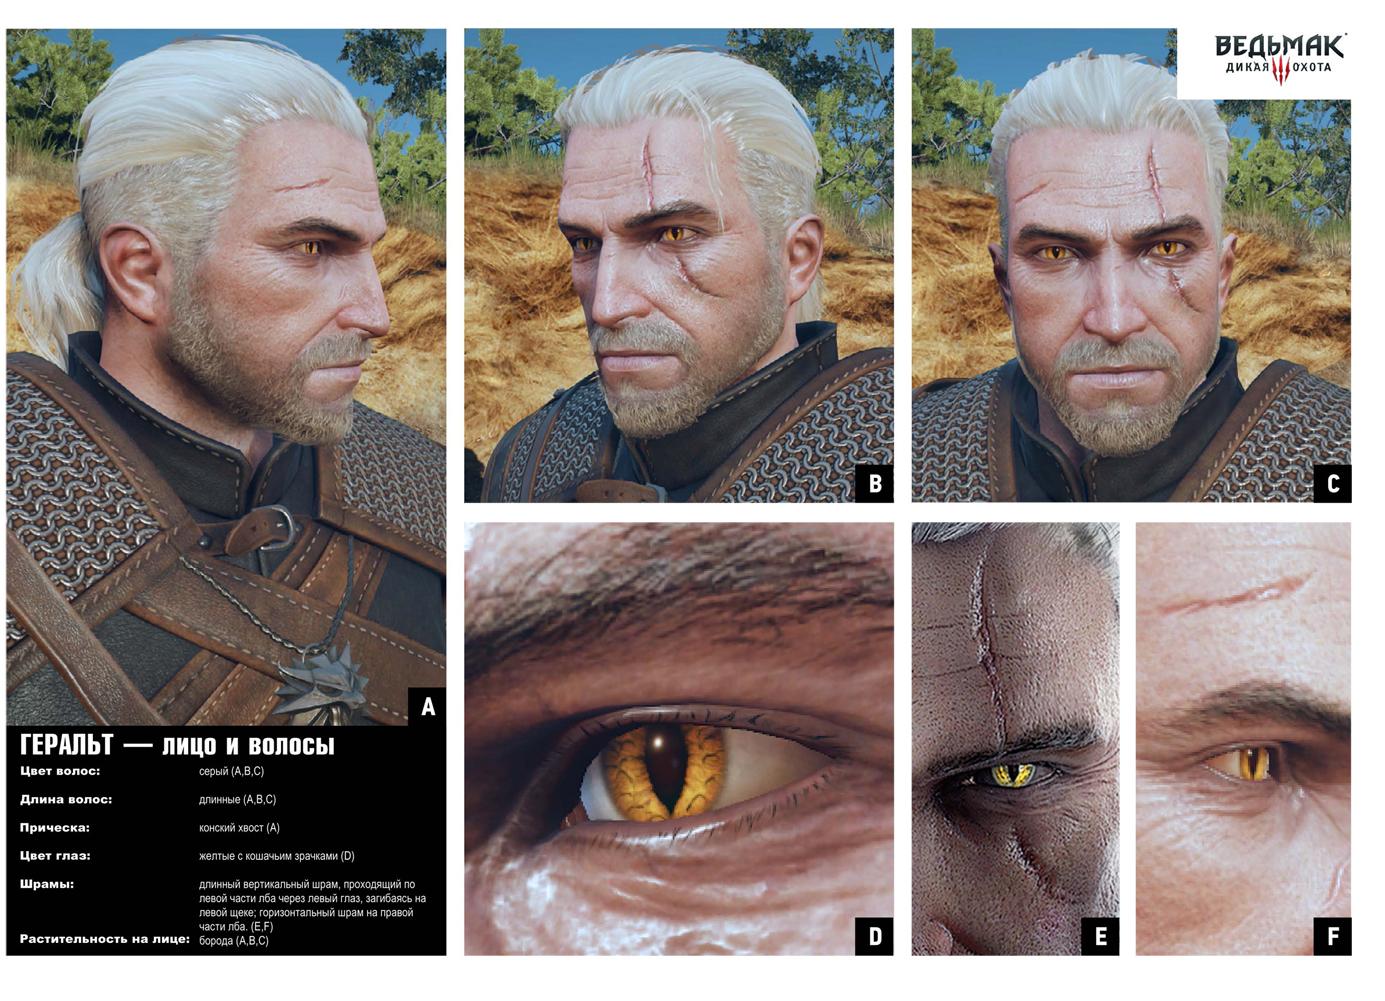 Geralt-rukovodstvo-po-kospleyu-3.jpg